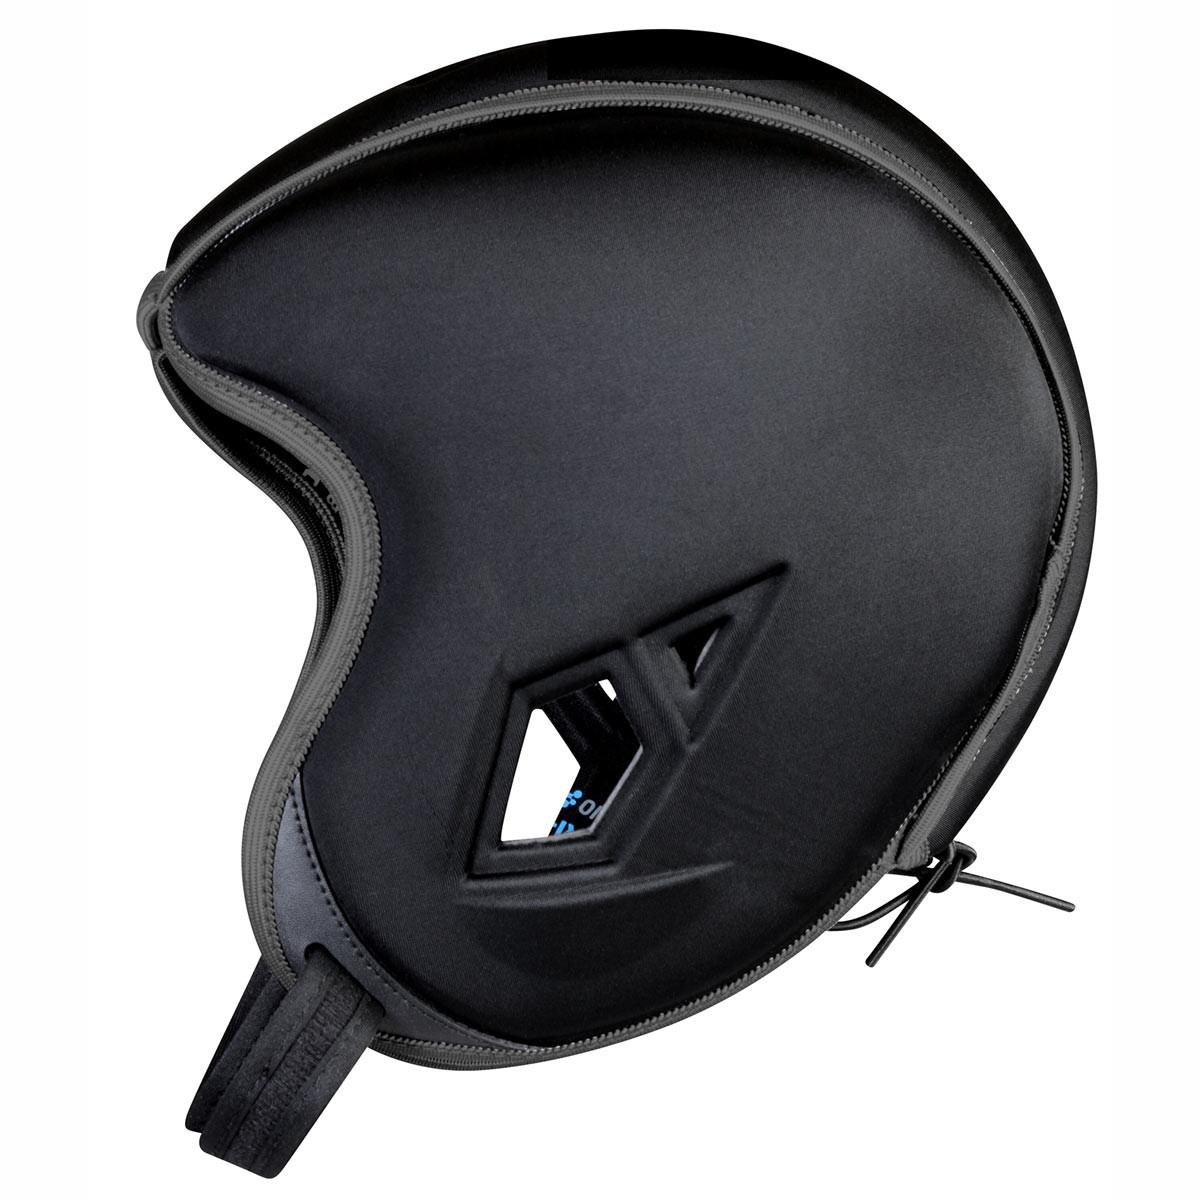 Champro 7-Series Soft Shell Headgear (SSH-)